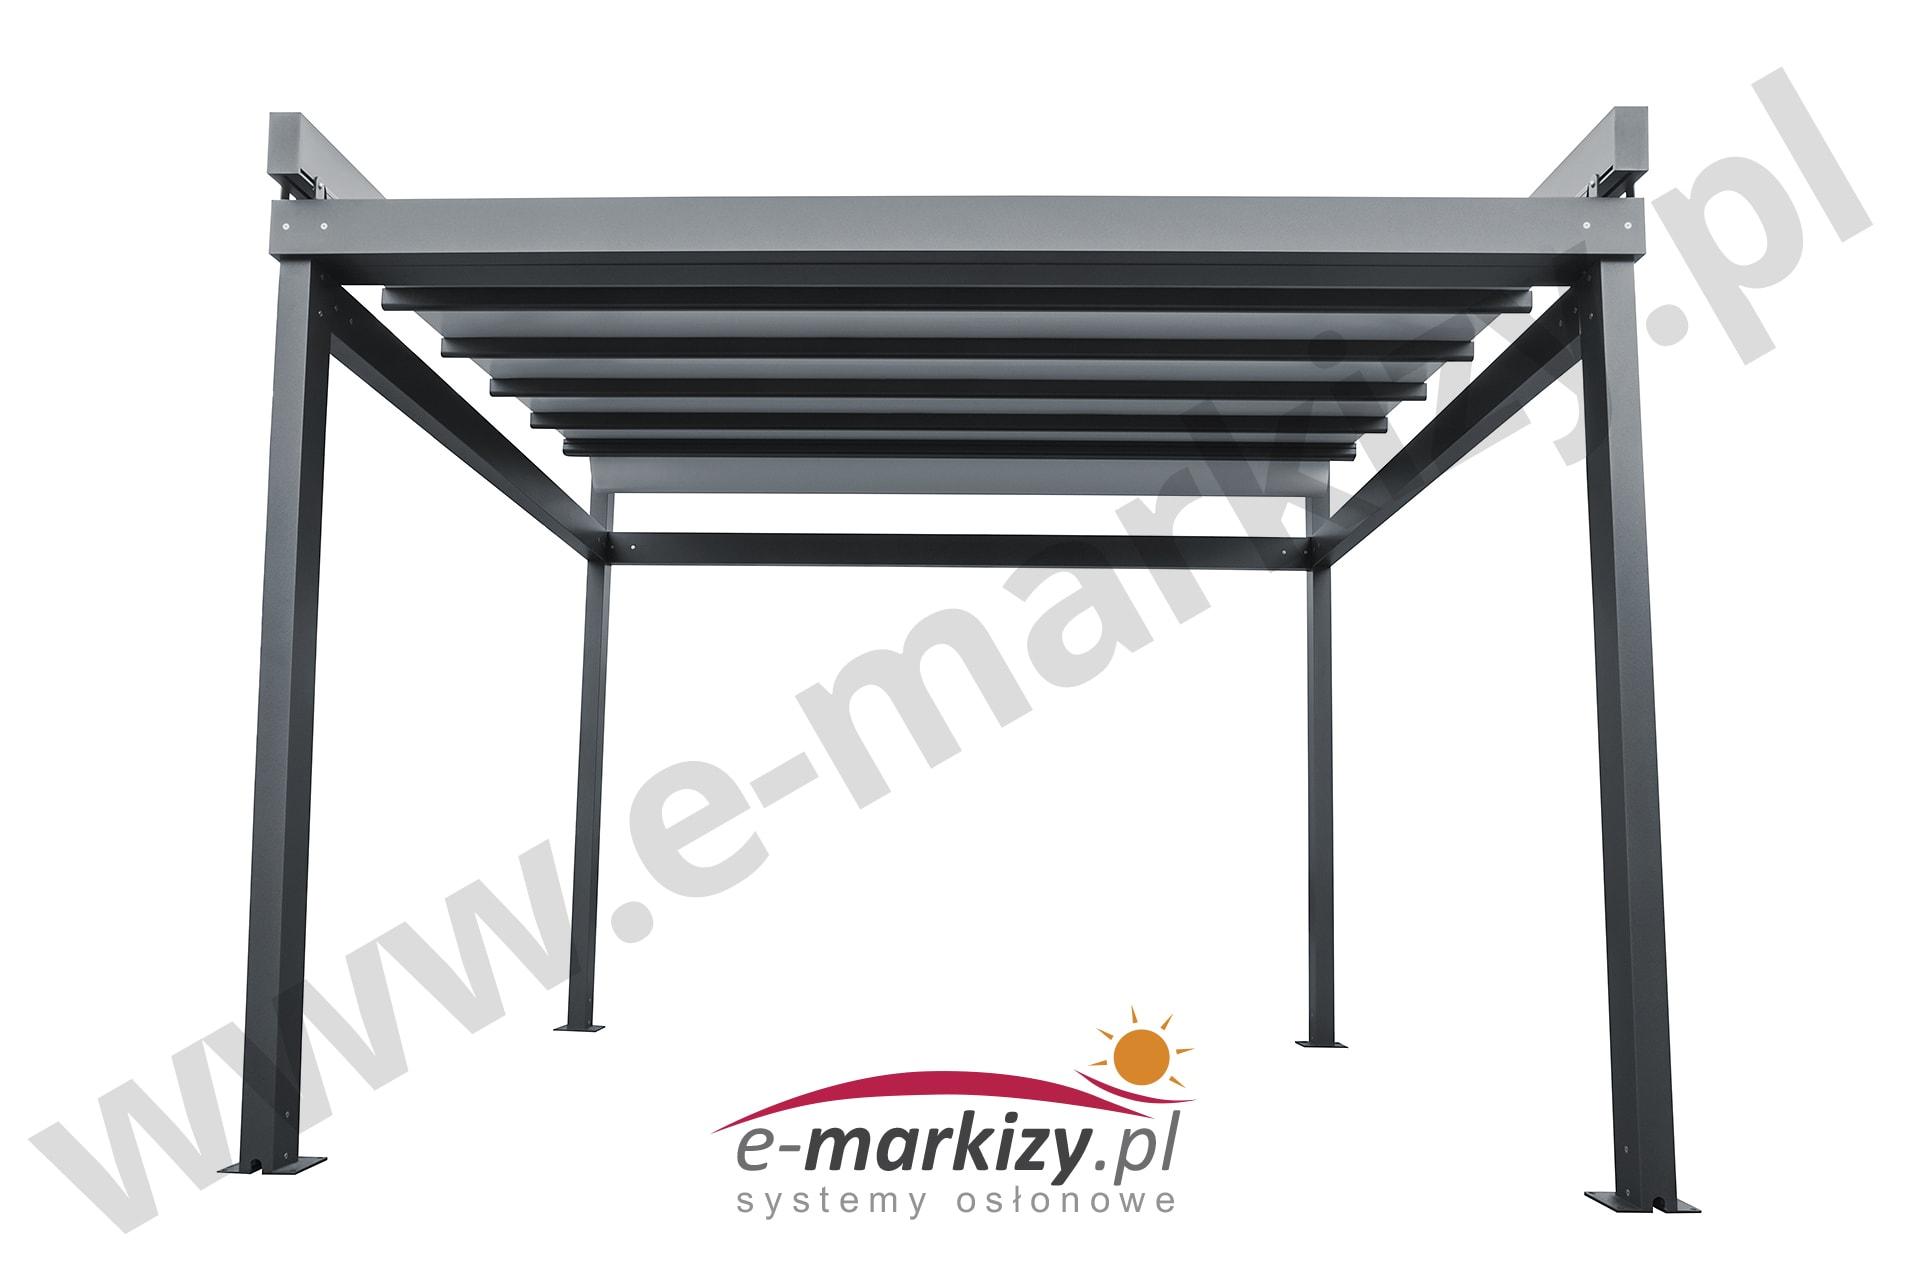 Pergola Solid wiata zadaszenie markiza system osłonowy